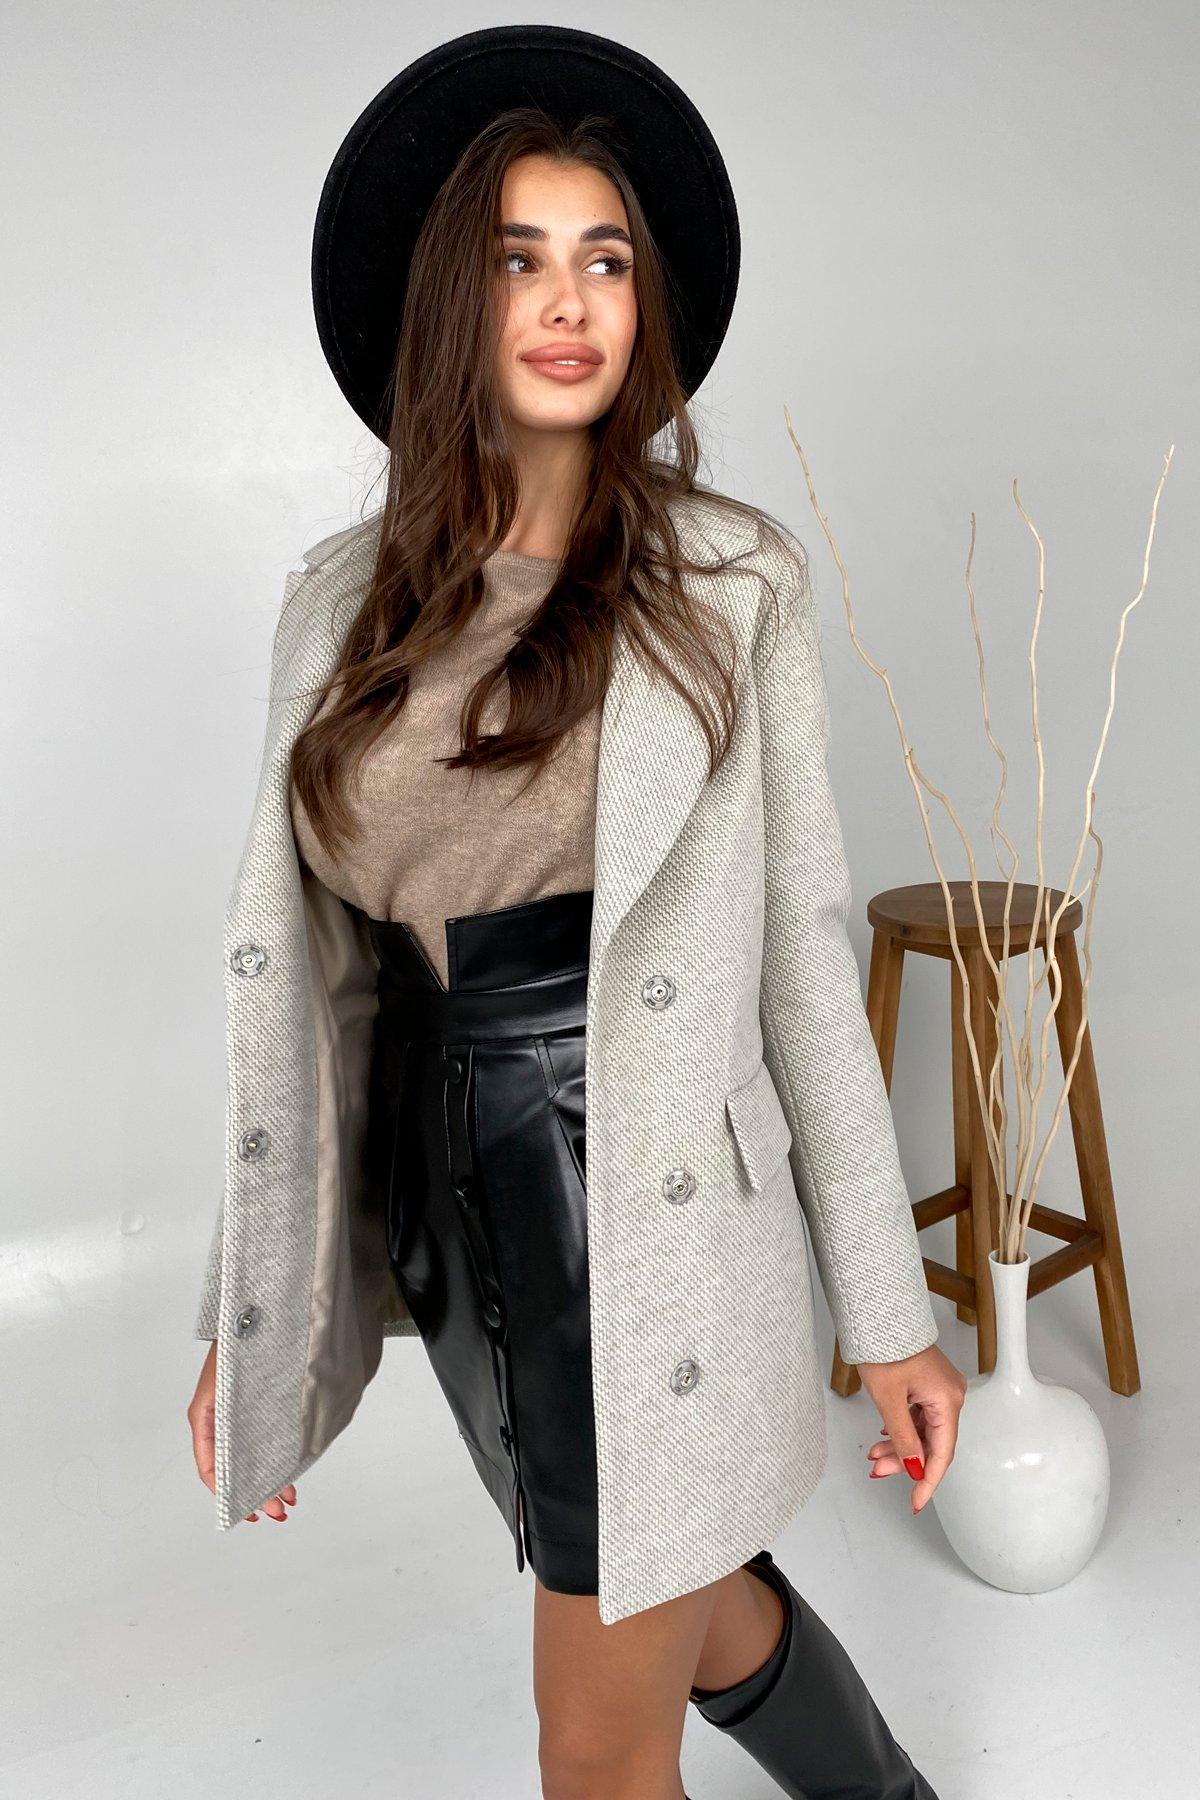 Демисезонное пальто Каир Флеш 8849 Цвет: Оливковый